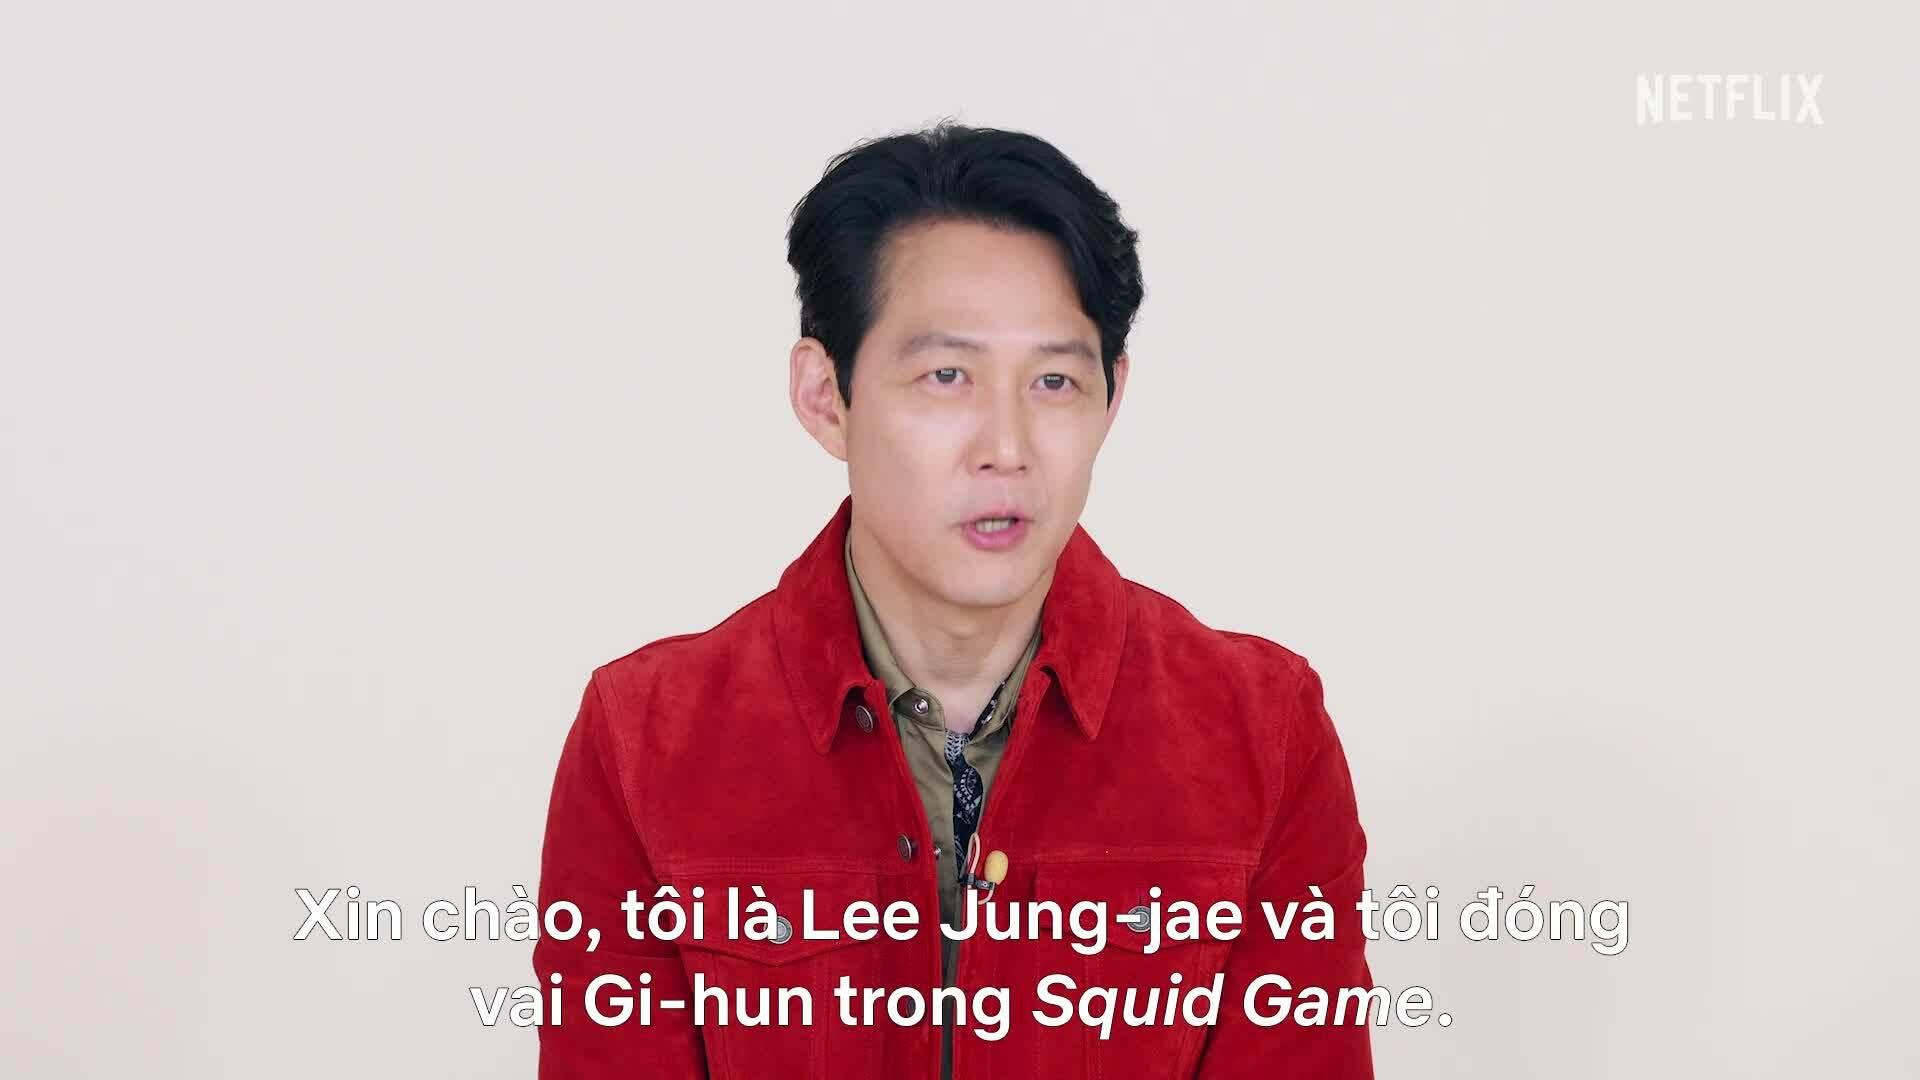 Lee Jung Jae và Ê-kíp Squid Game chào độc giả VnExpress